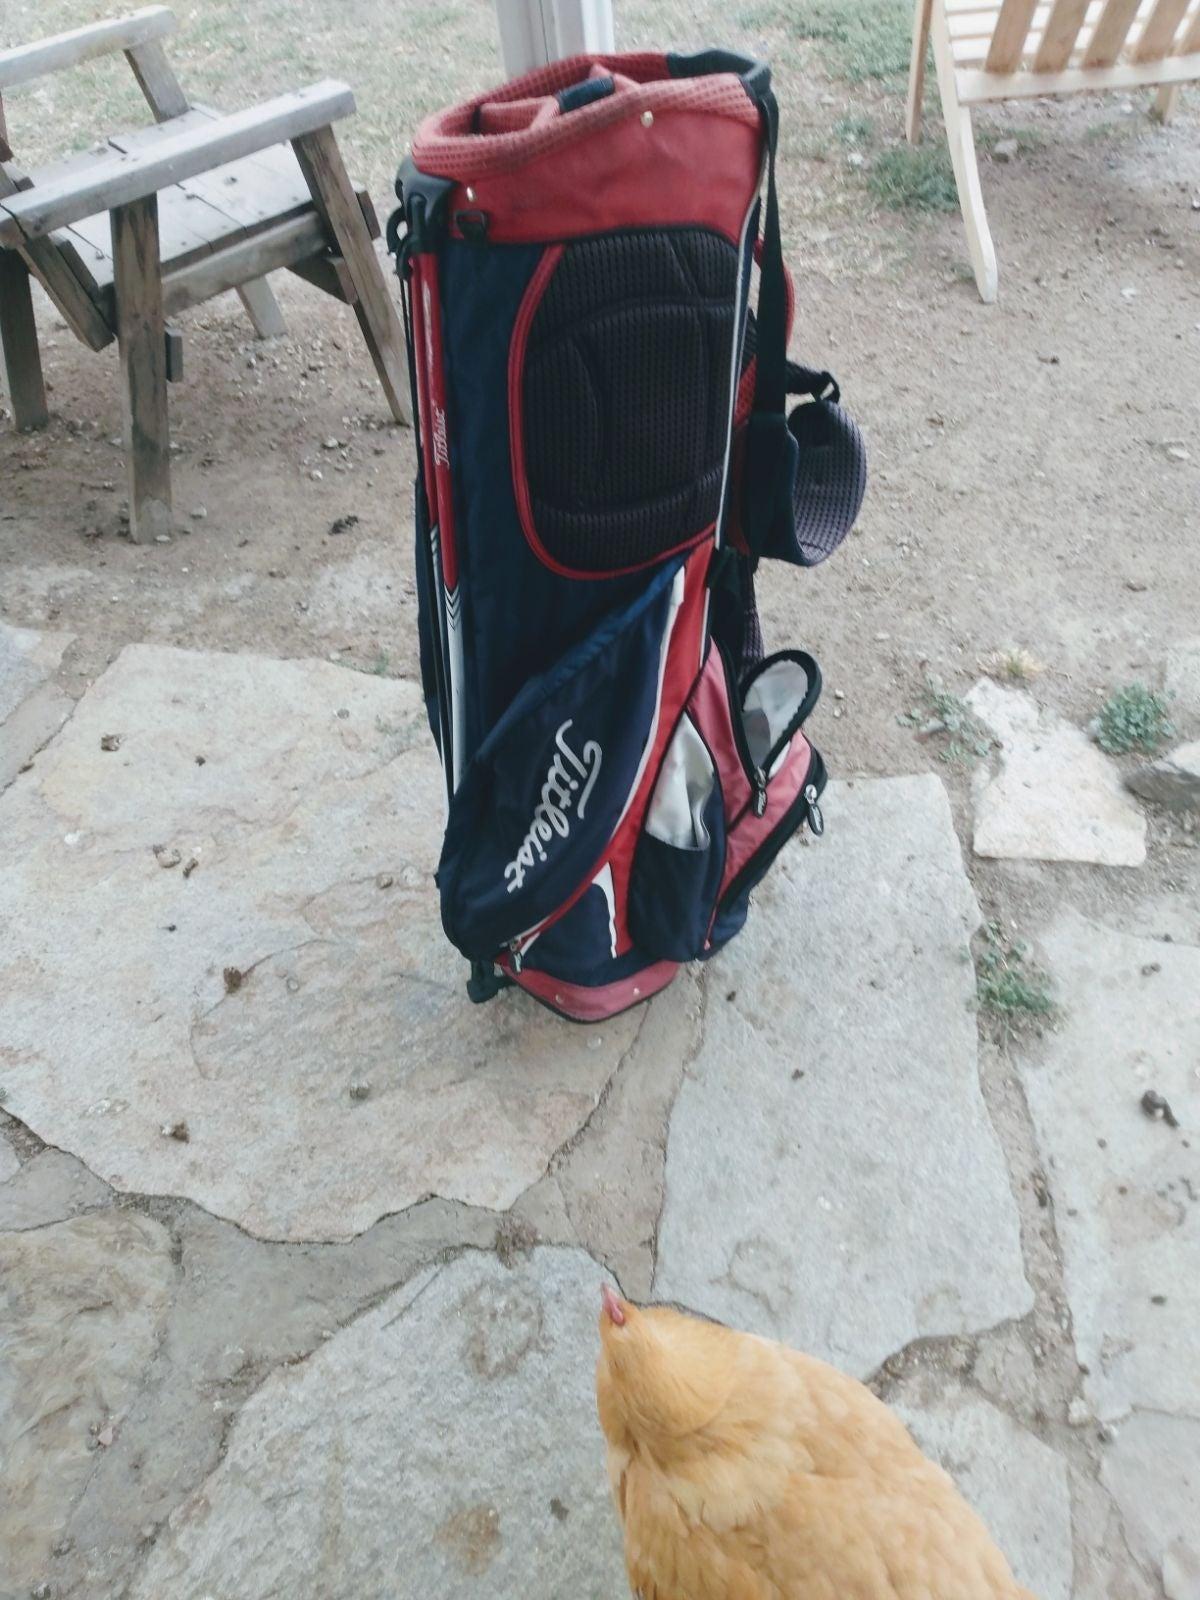 Titleist Hybrid 14 golf stand bag